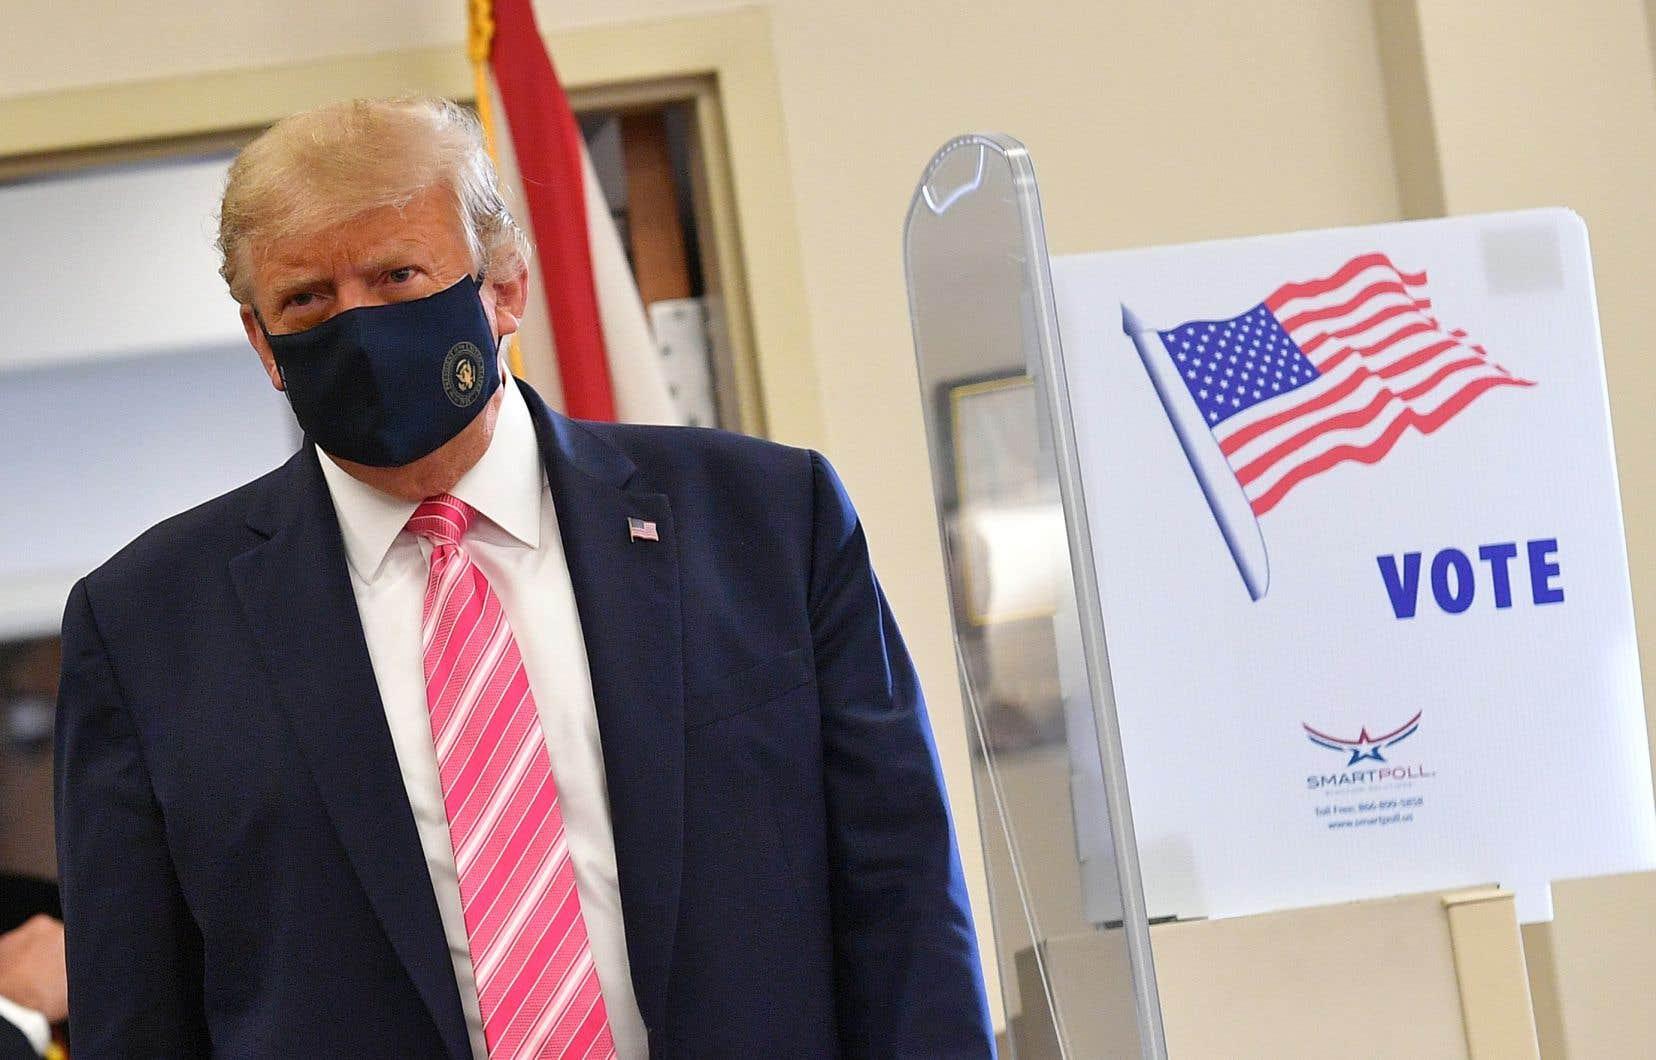 «J'ai voté pour un type appelé Trump», a déclaré le président américain après avoir fait son devoir de citoyen dans une bibliothèque de West Palm Beach, en Floride.